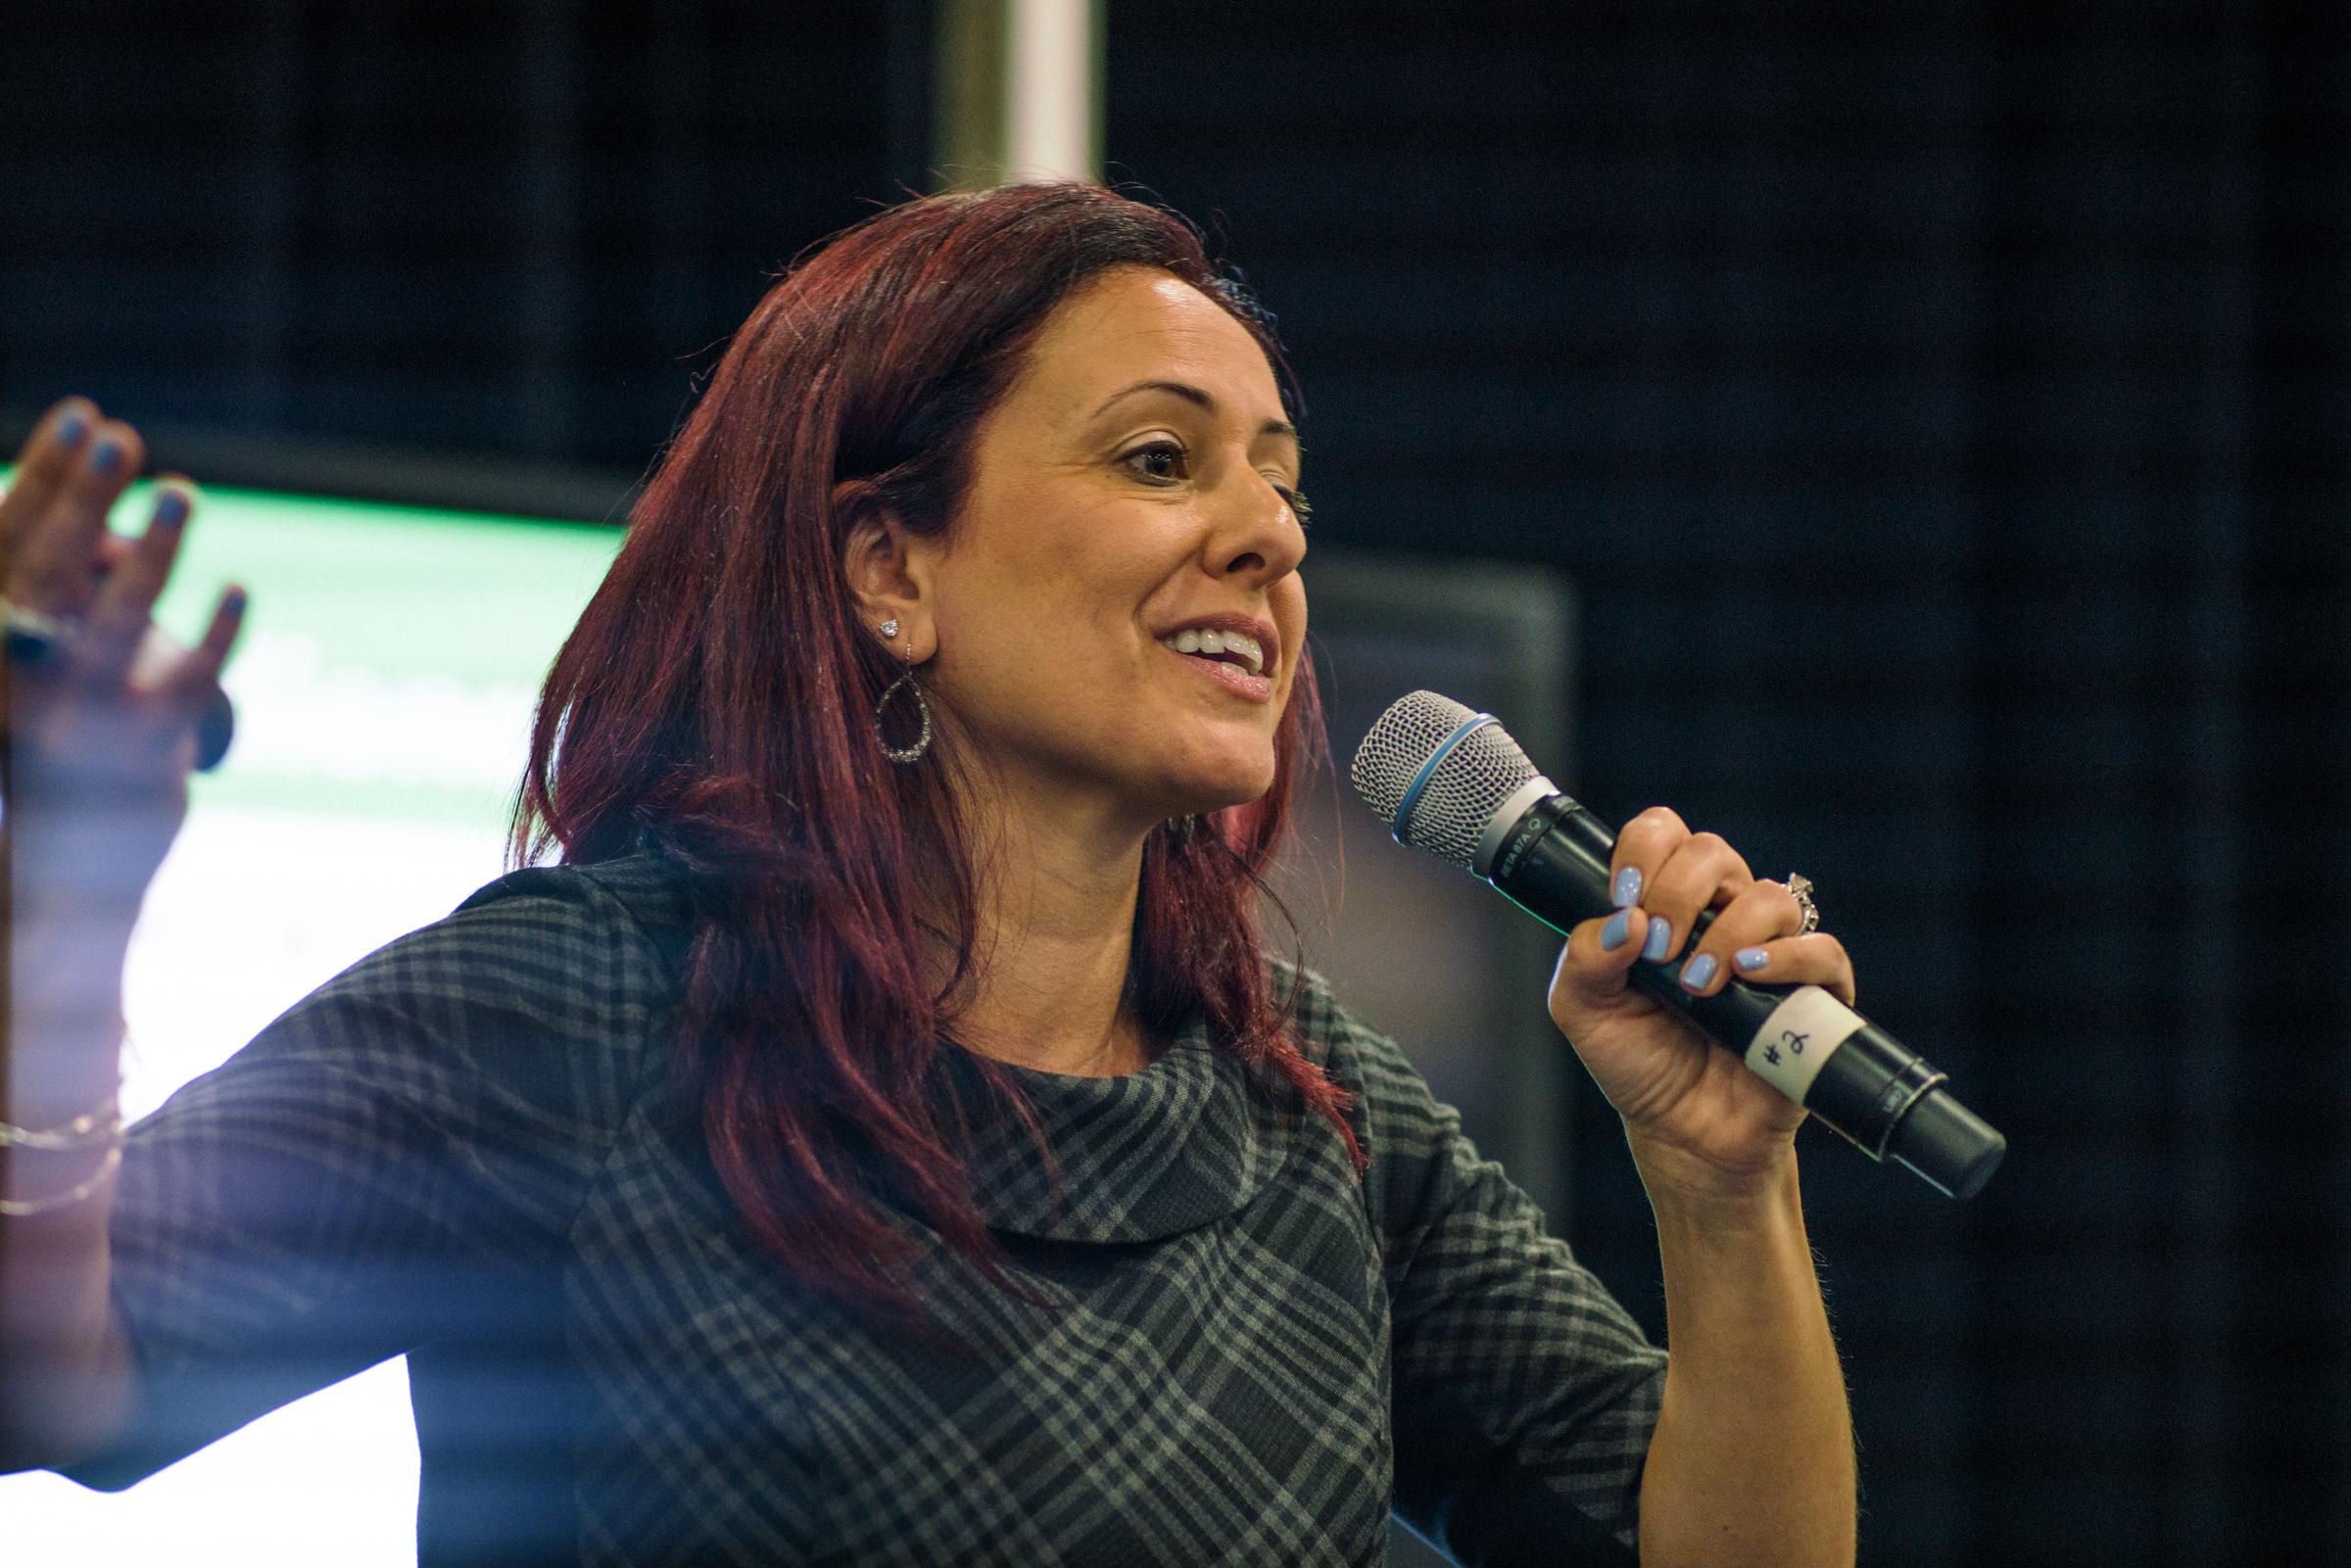 Kim Lundgren